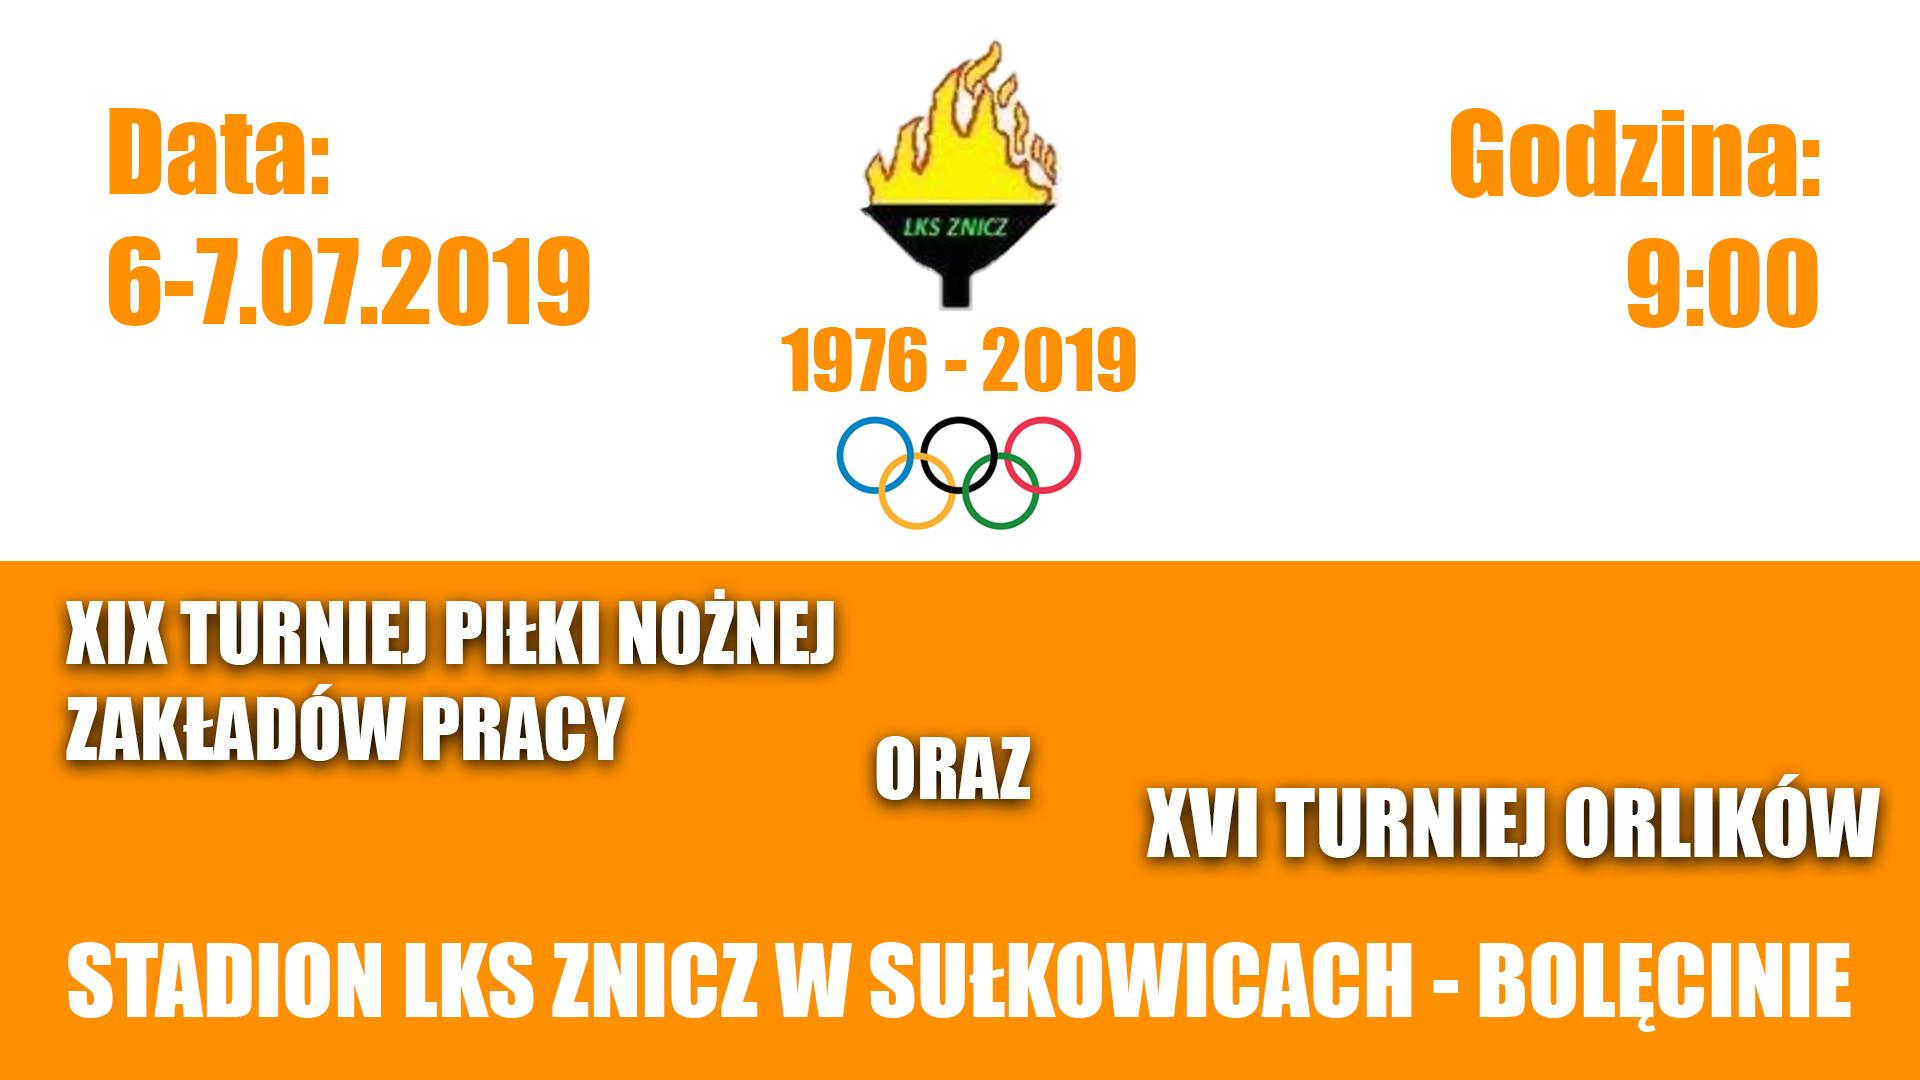 Sportowy weekend w Sułkowicach - Bolęcinie